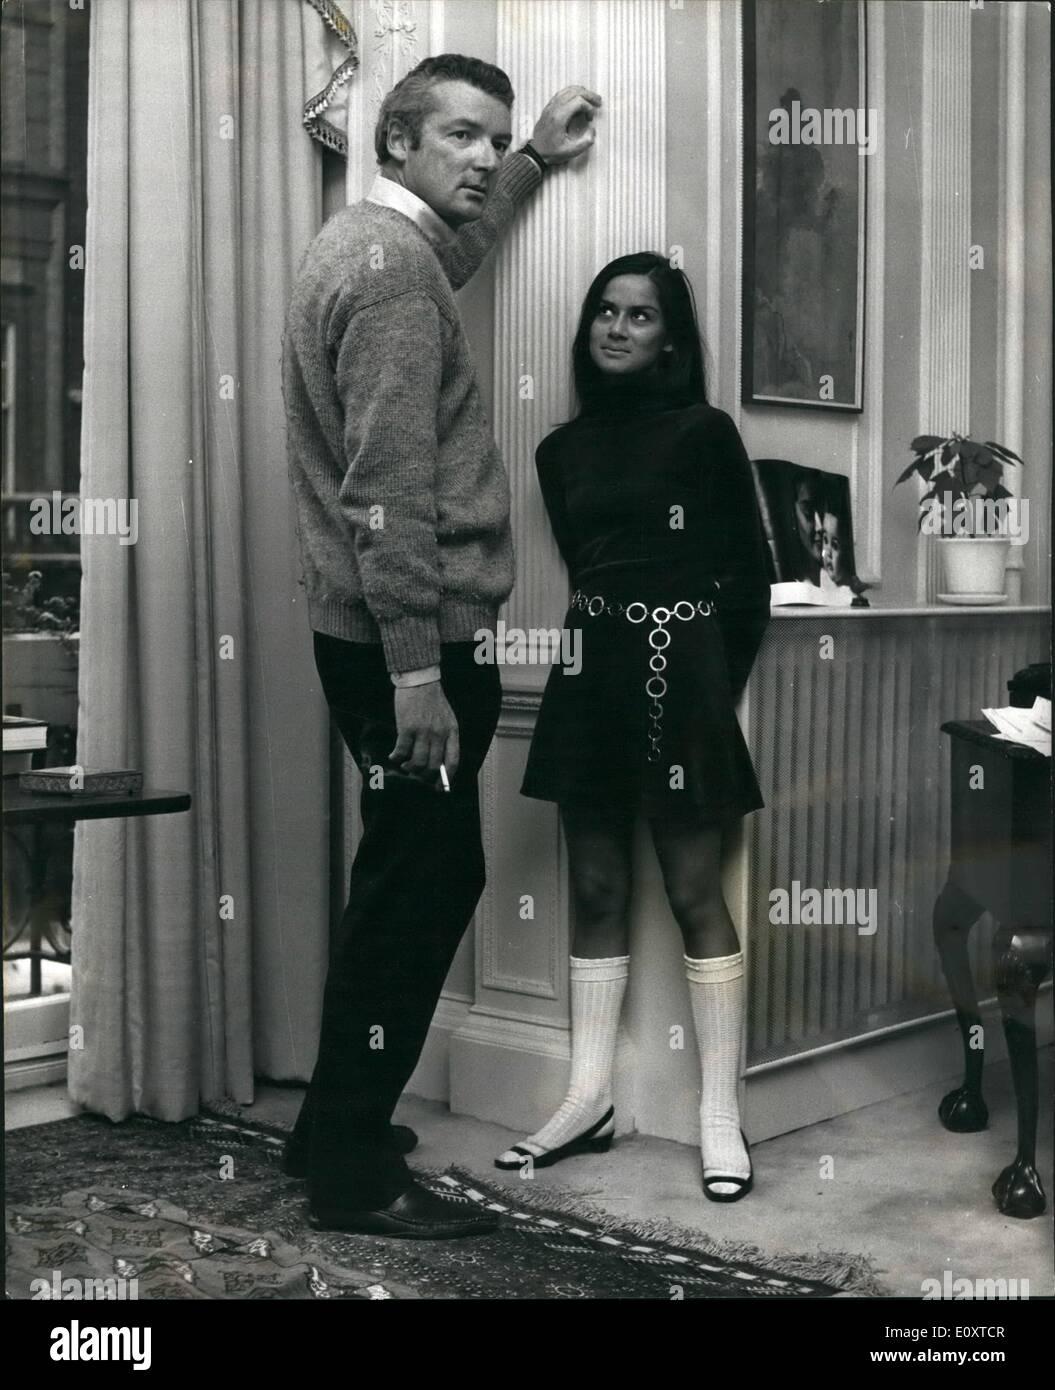 Septembre 09, 1967 - David Singer à se marier pour la troisième fois le producteur de films, 36 ans, David Singer, petit-fils de la machine à coudre tycoon, a annoncé qu'il est de se marier pour la troisième fois. Pourvu qu'il peut obtenir la preuve de son dernier divorce de Paris, il va épouser 25-year-old actress Heather Fleming à Caxton Hall. M. Singer, beau-fils du regretté Peter Cheyney, avait été mariée à Martine Waddington, petite-fille d'un ancien ambassadeur britannique à Paris, et Chantal Bouniol, une femme française. Photo montre:- Davis Singer avec son épouse-à-être, l'actrice Heather Fleming. Photo Stock